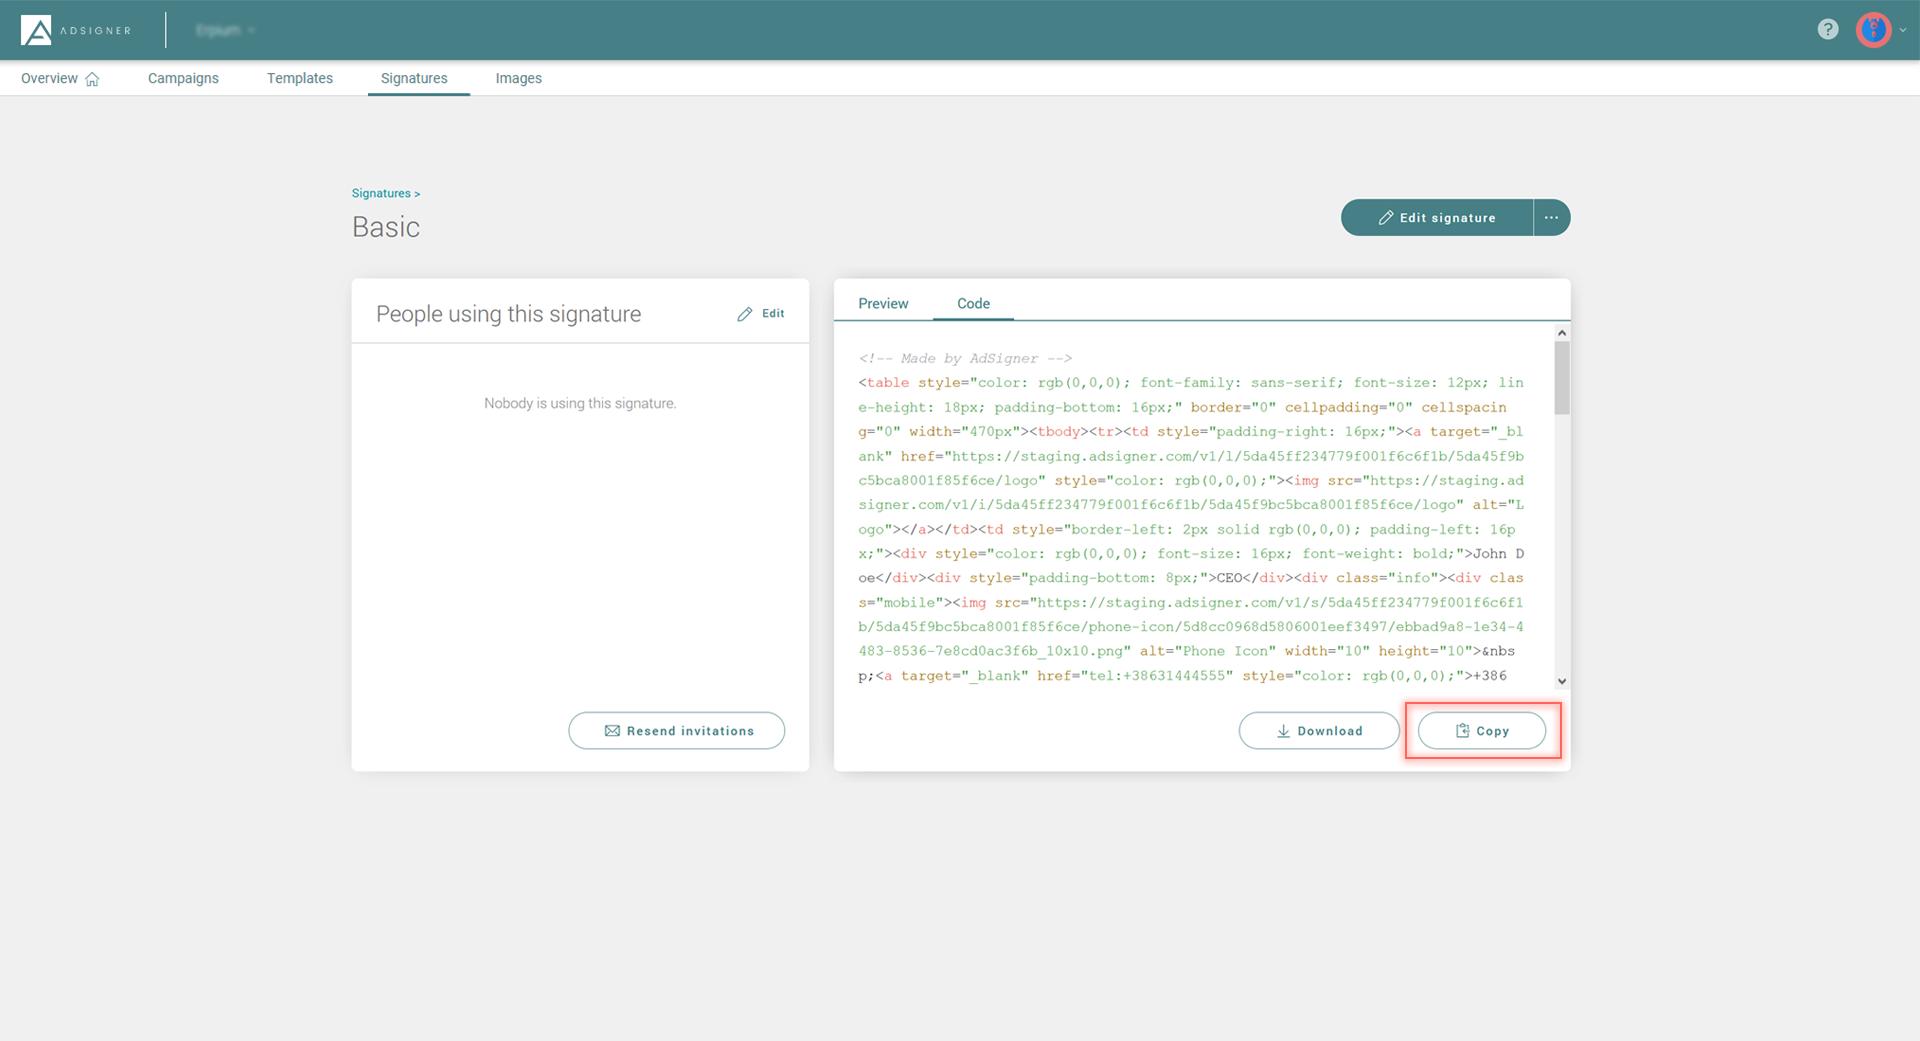 Copy code in AdSigner